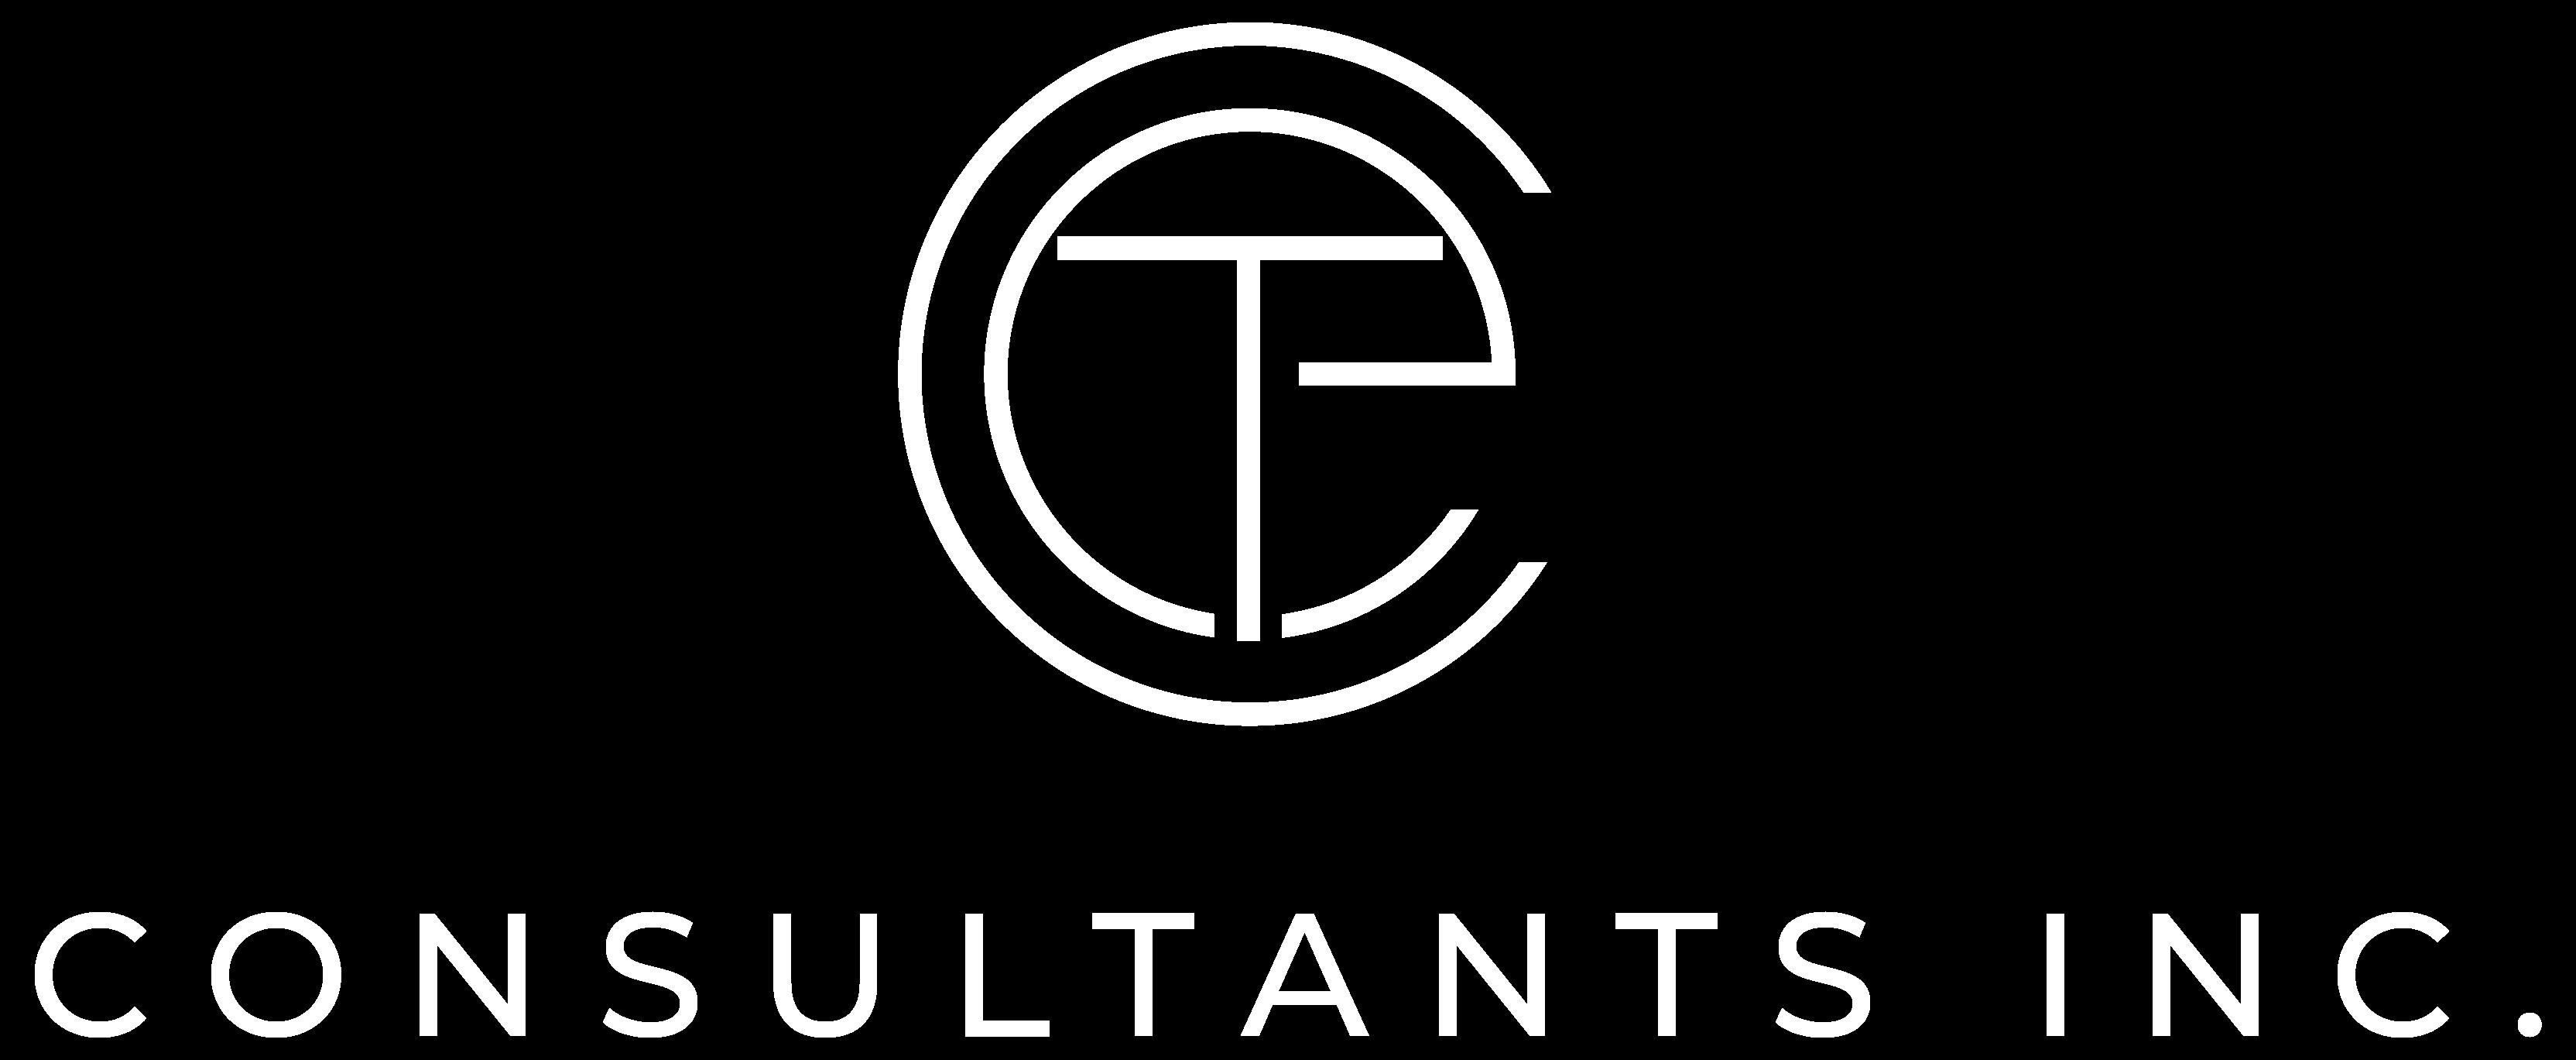 CET Consultants Inc.